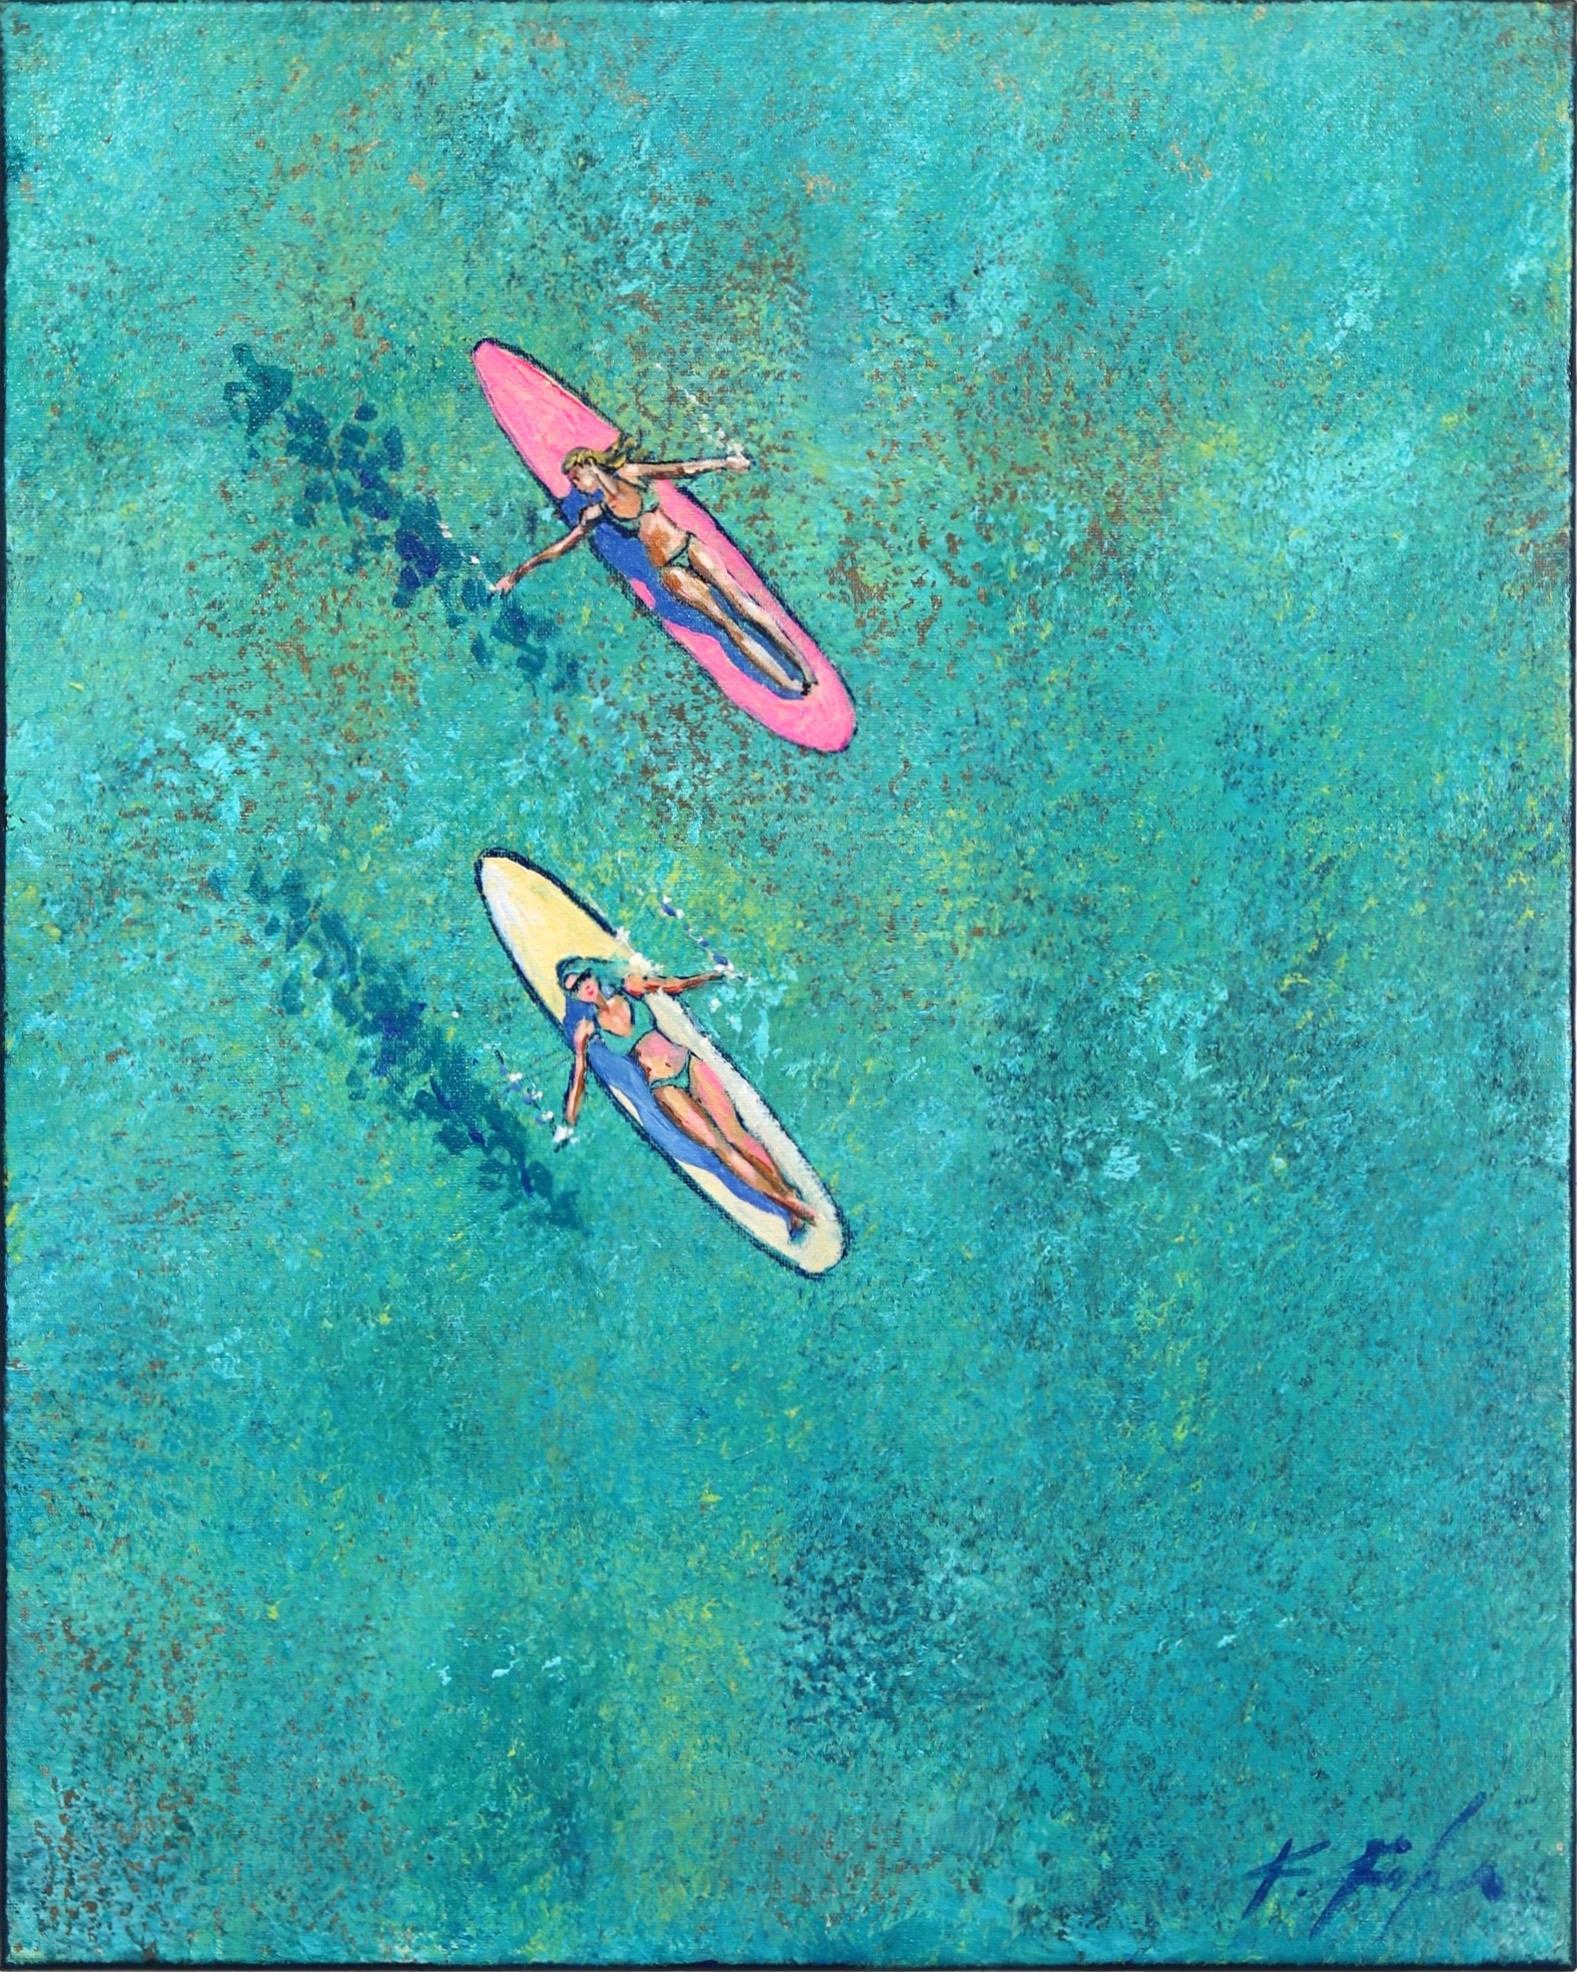 Floating Friday